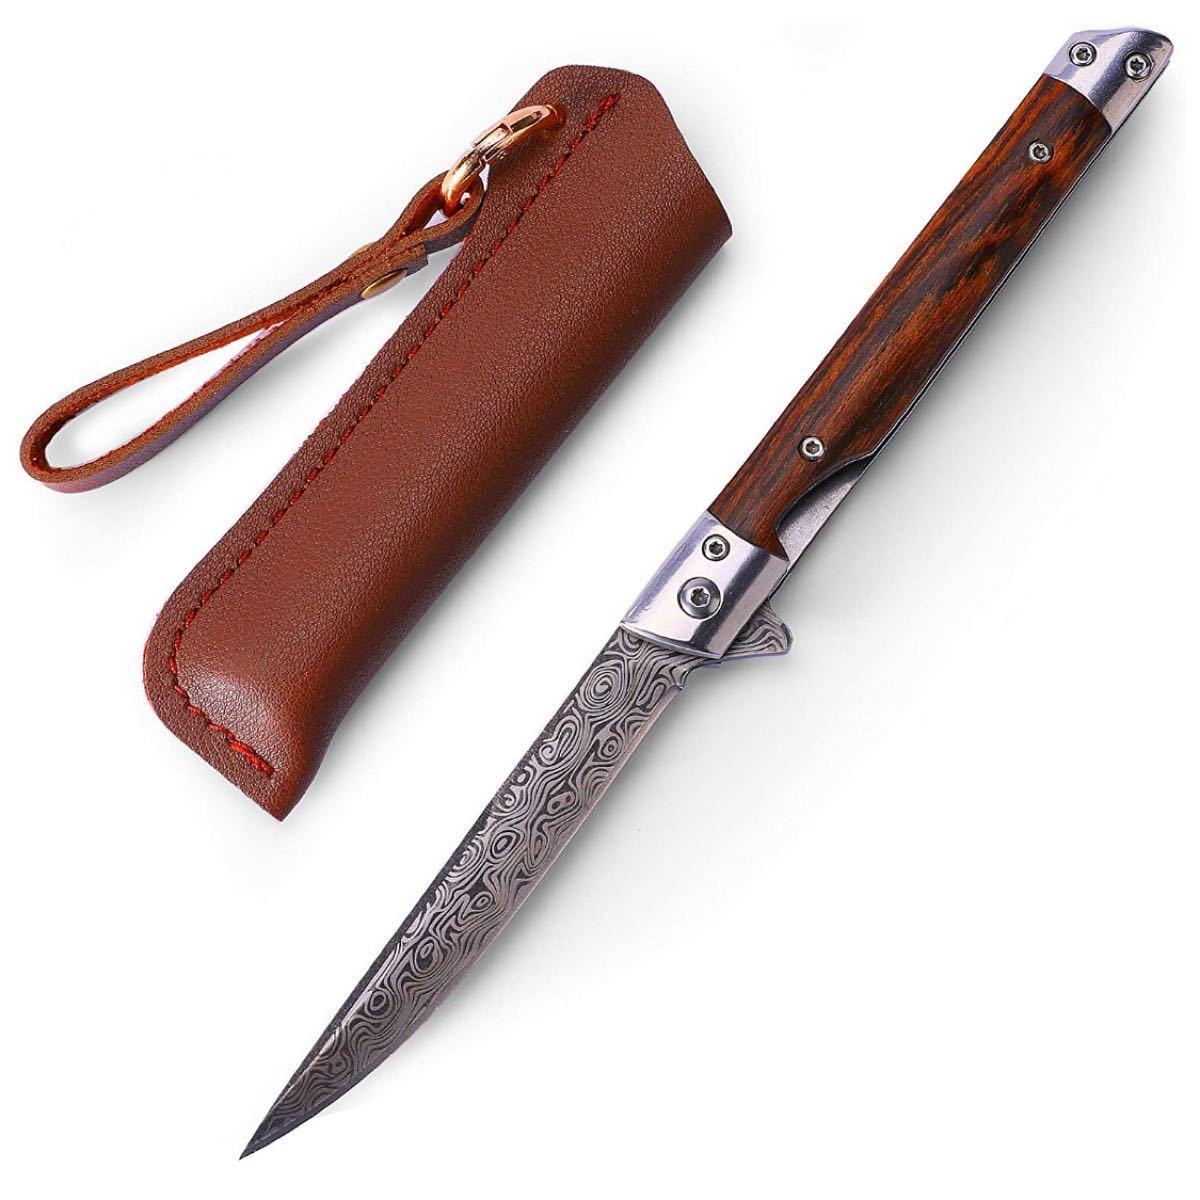 ナイフ アウトドア フォールディングナイフ 折りたたみ キャンプナイフキャンプ用